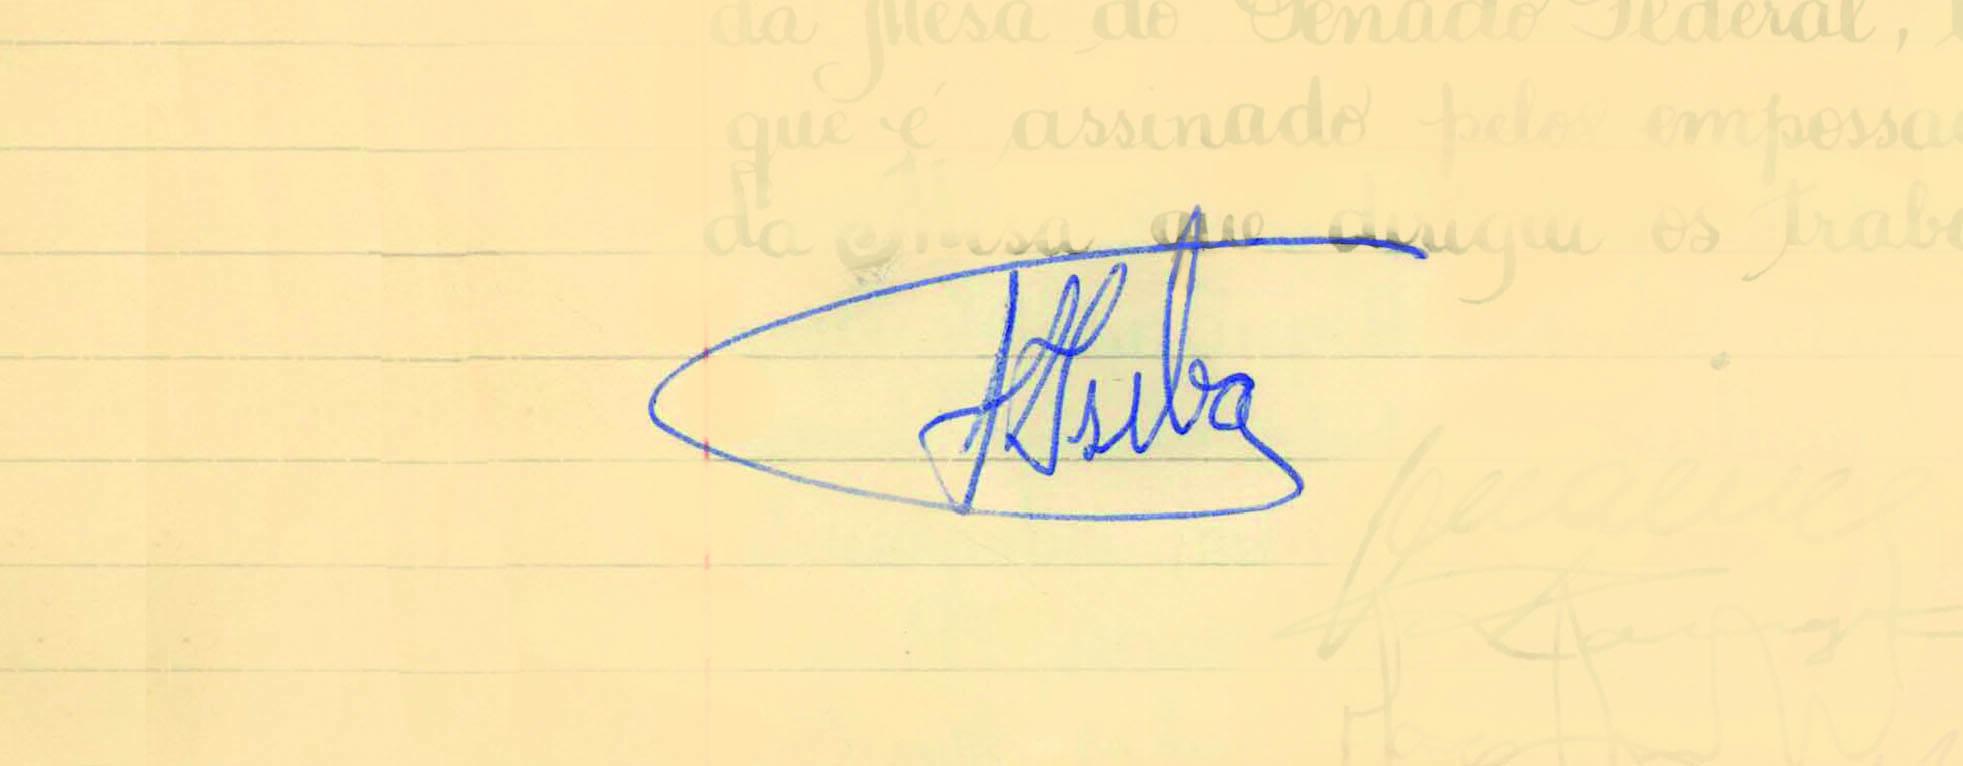 Lula sucedeu Fernando Henrique e também exerceu dois mandatos, entre 2003 e 2010. Foto: Reprodução / Senado Federal